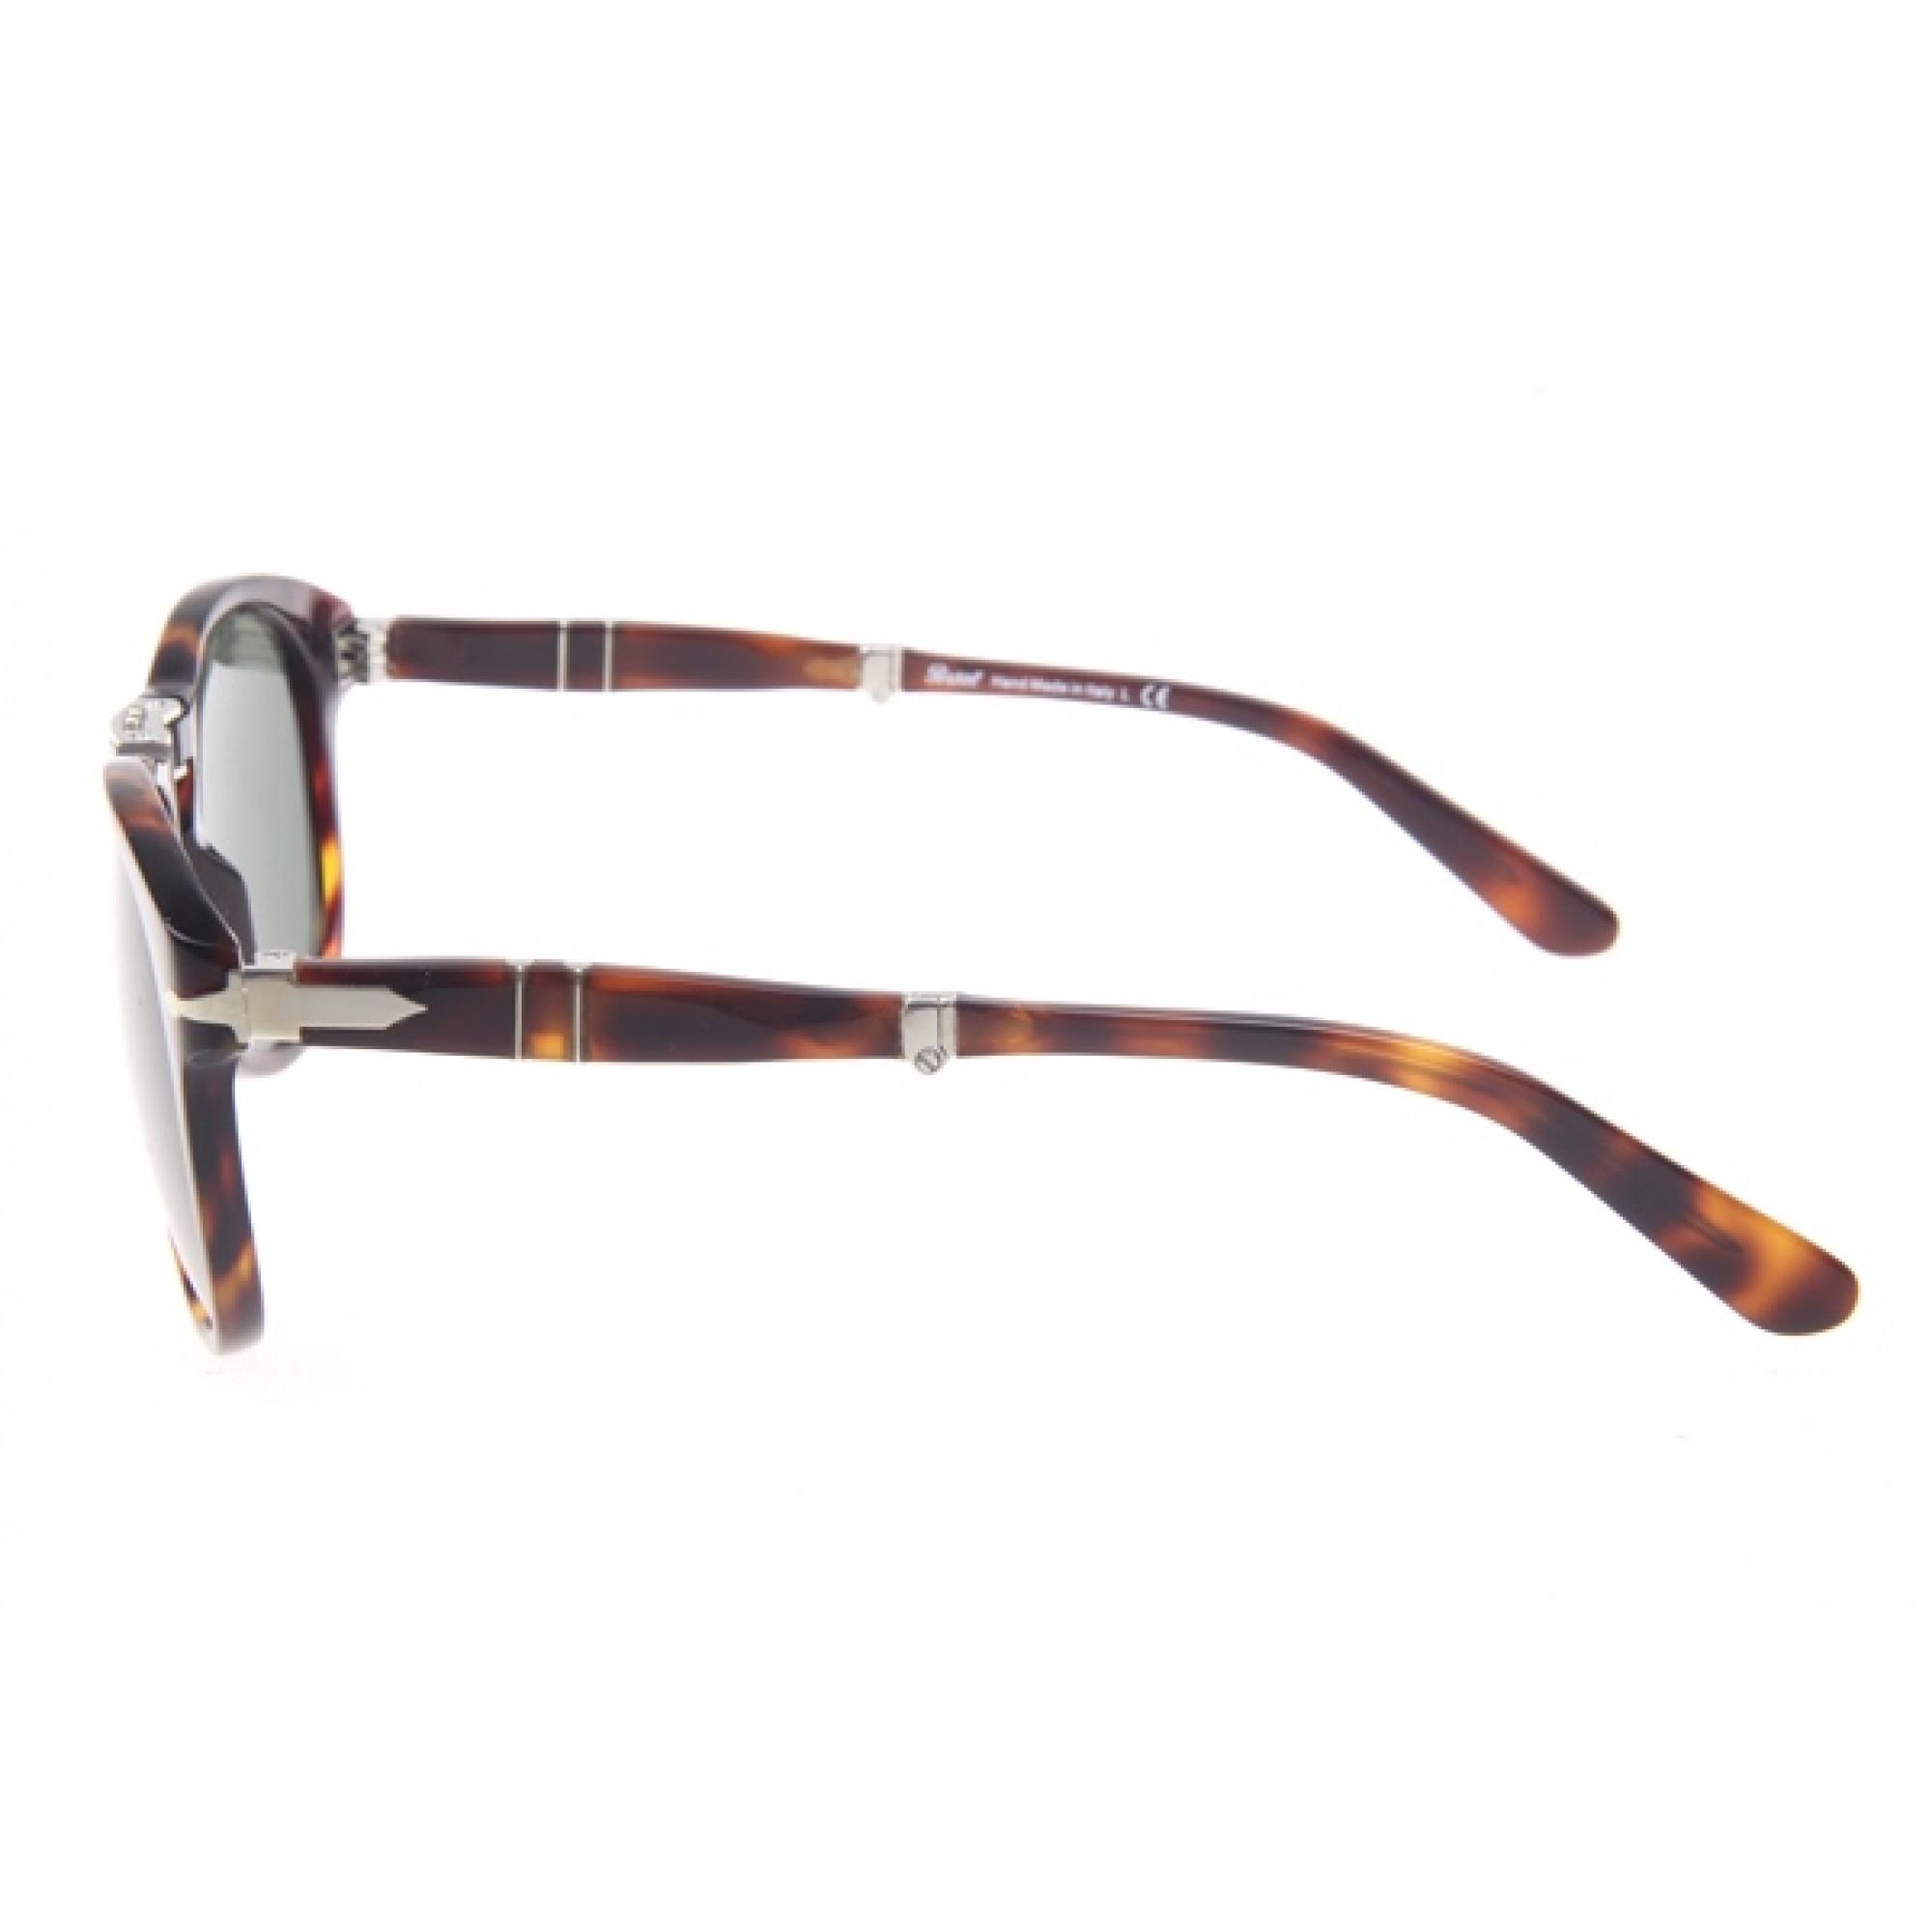 Купить солнцезащитные очки Persol в черном цвете — в Киеве 3c425704f85d7